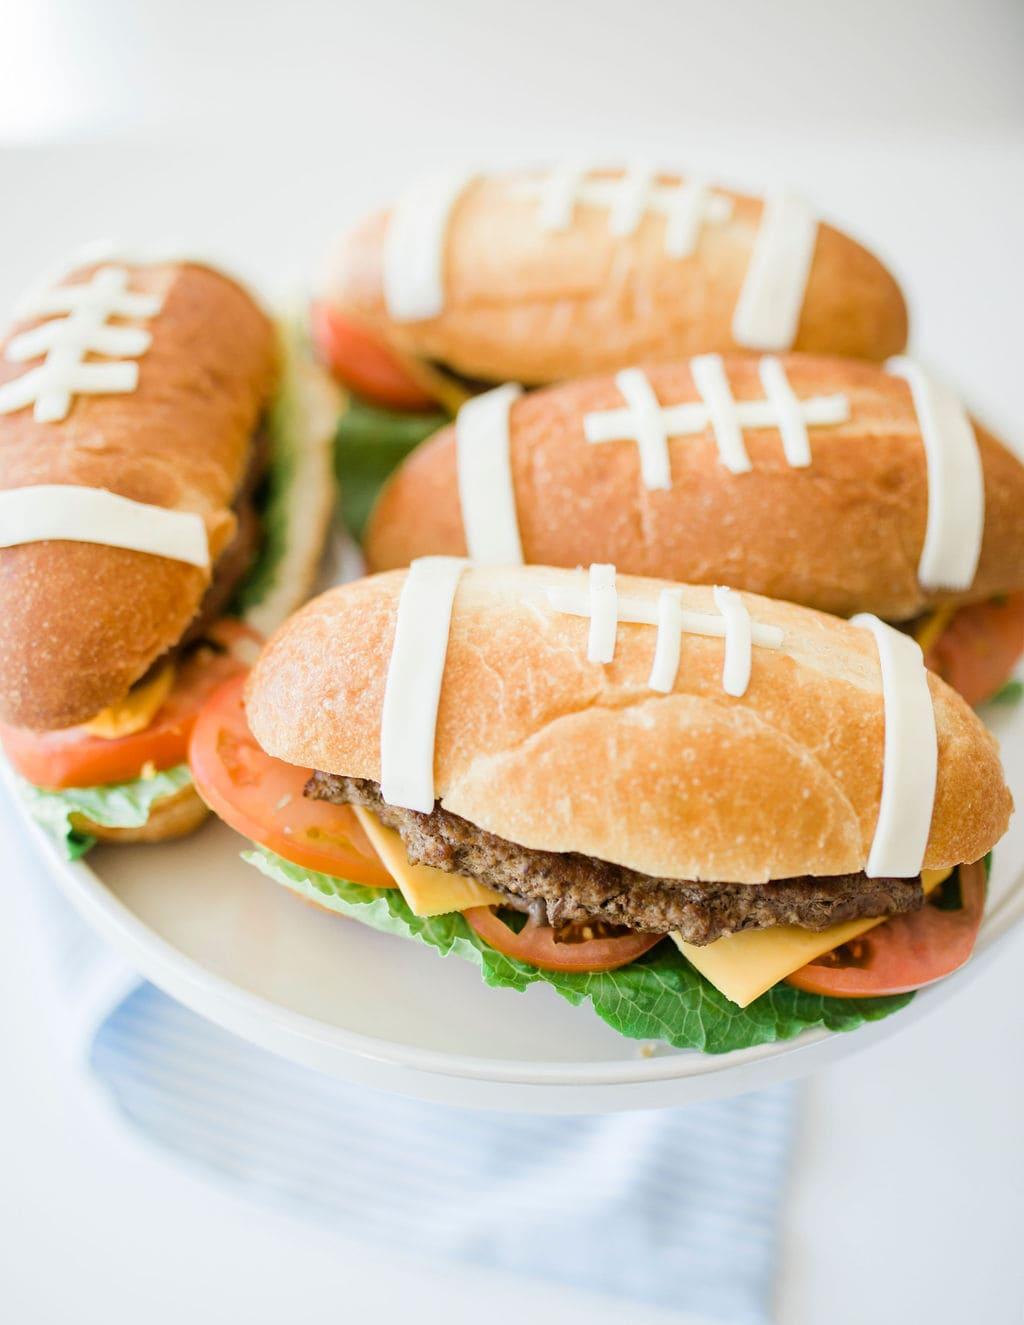 hamburger shaped food